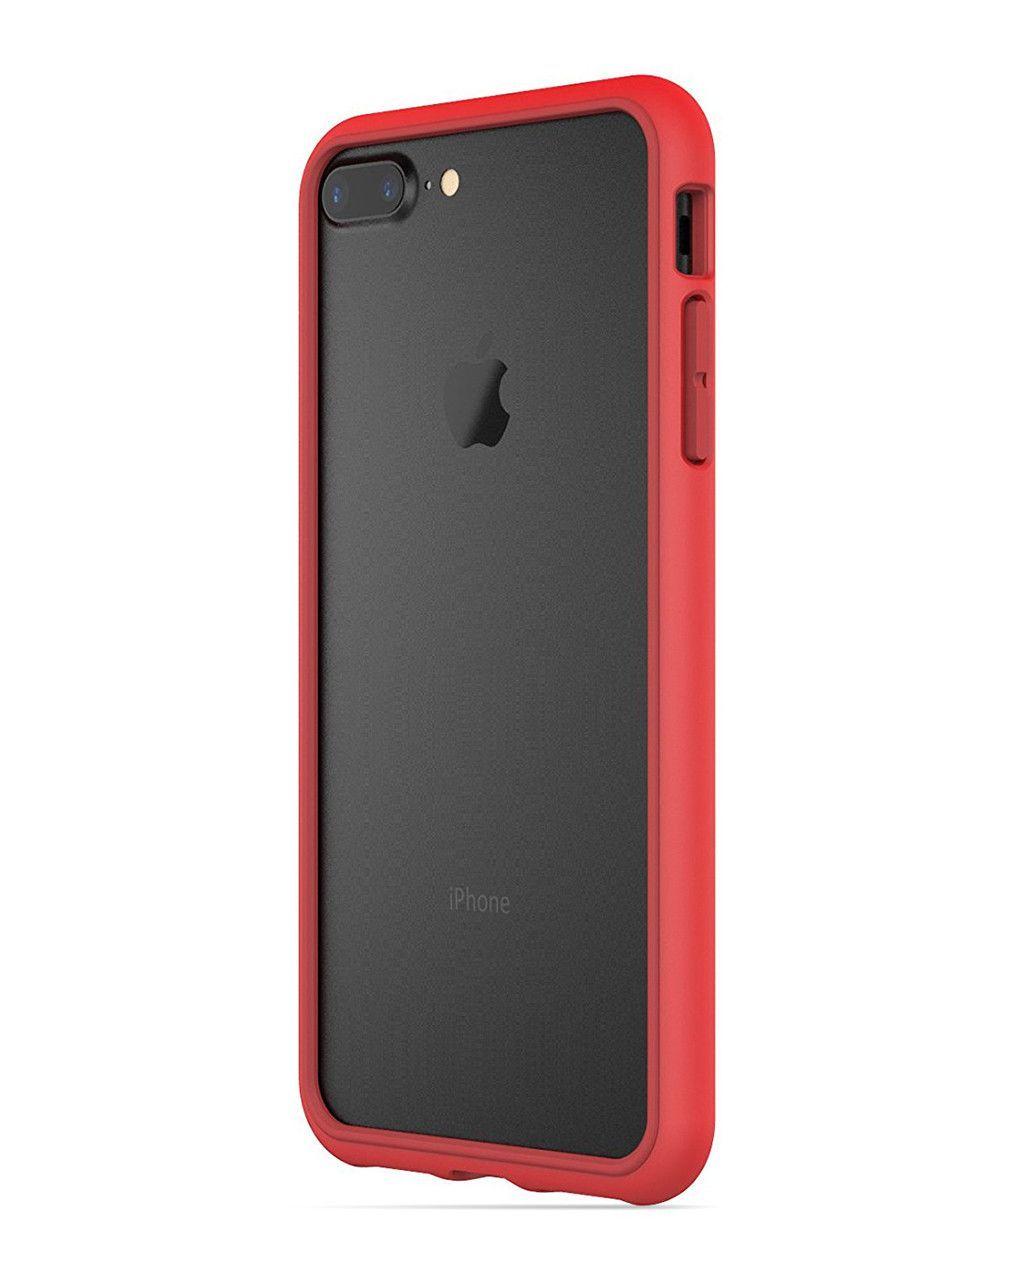 iphone 7 crash case